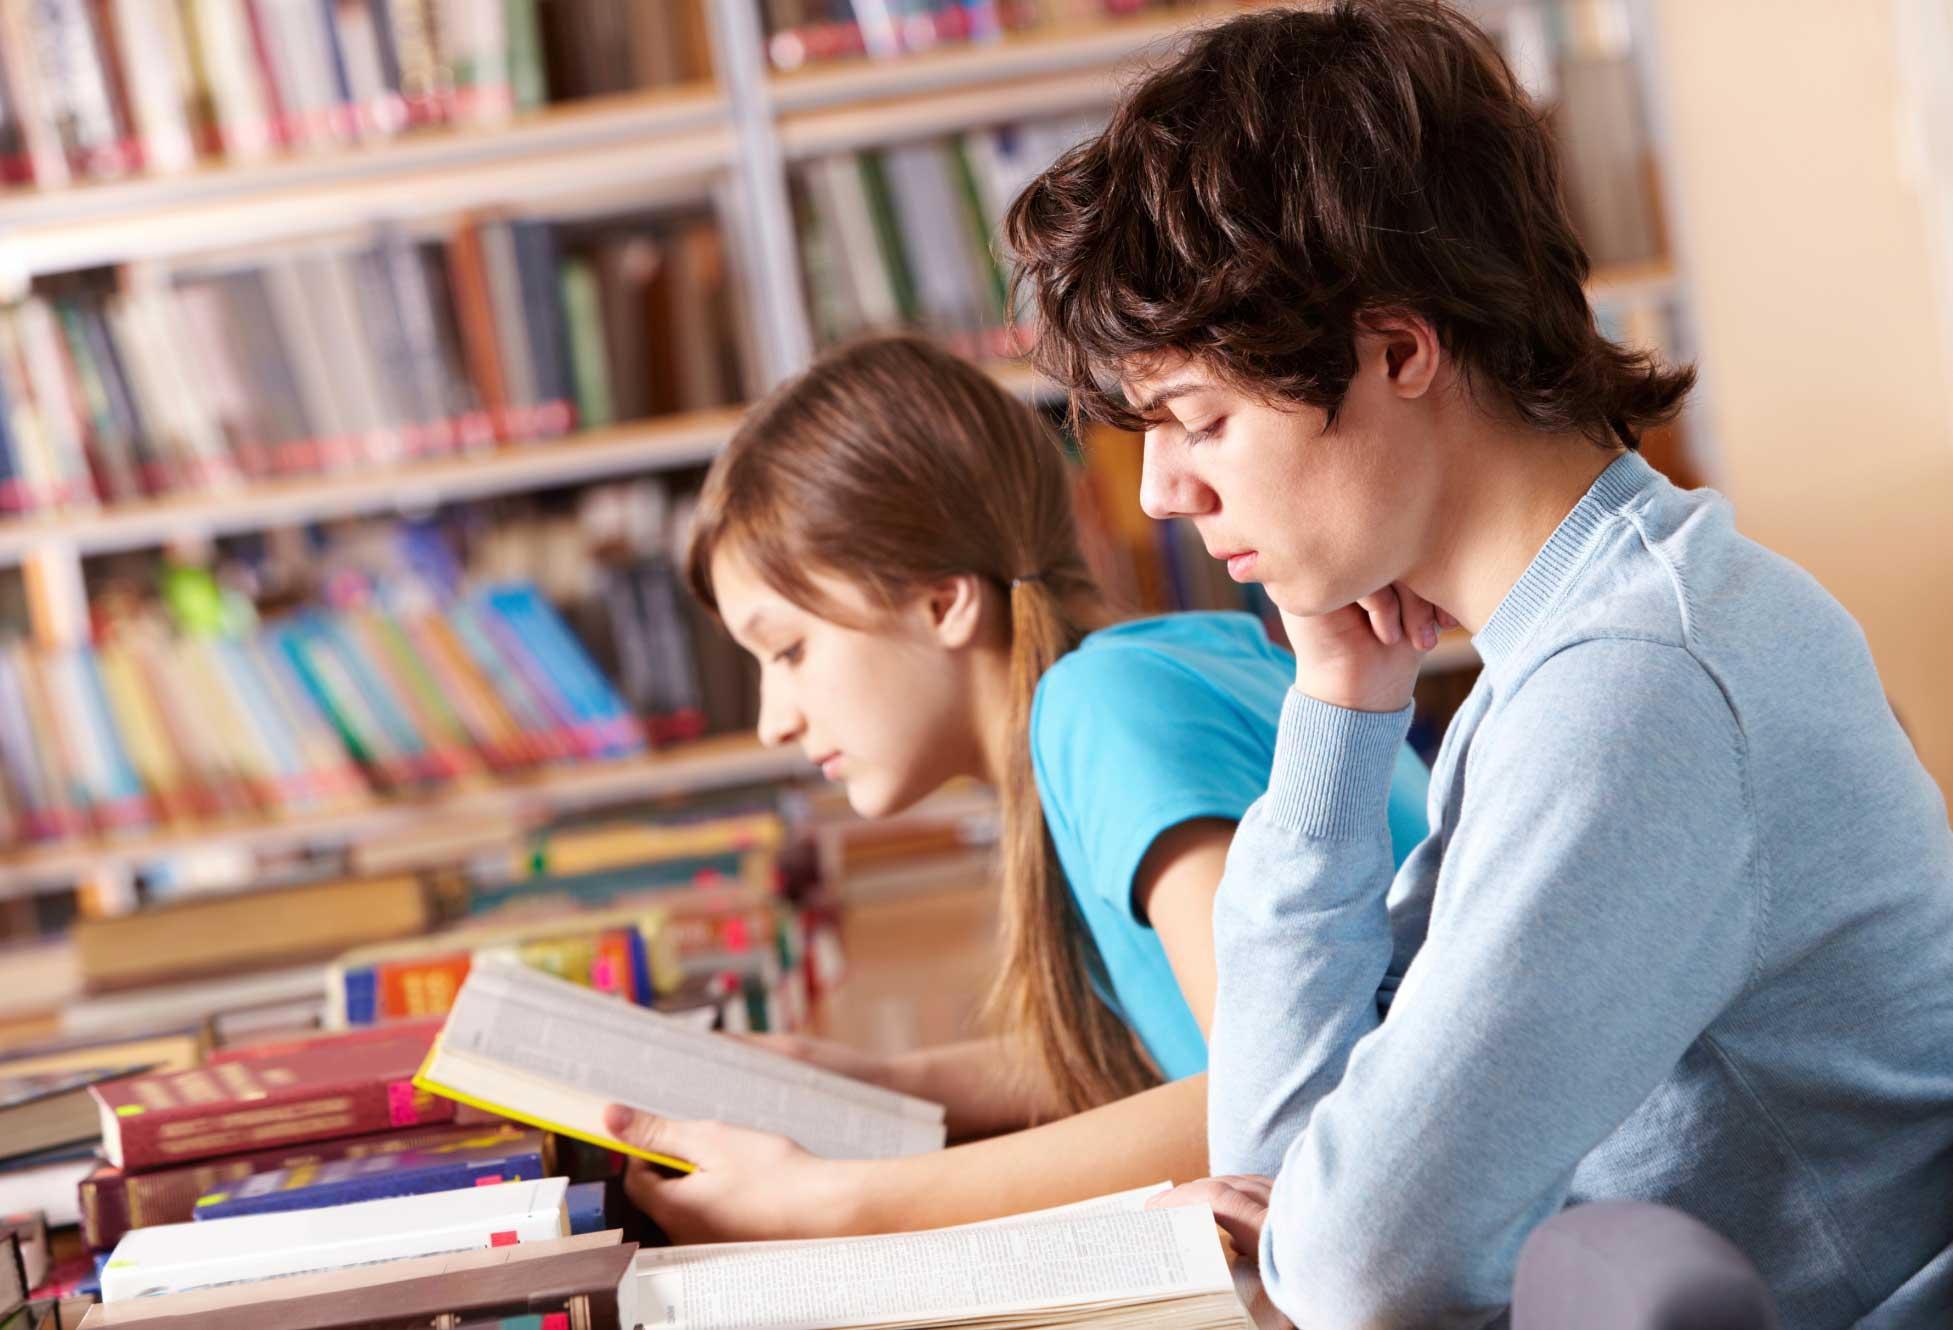 скамейки, картинка для чтения книг верх